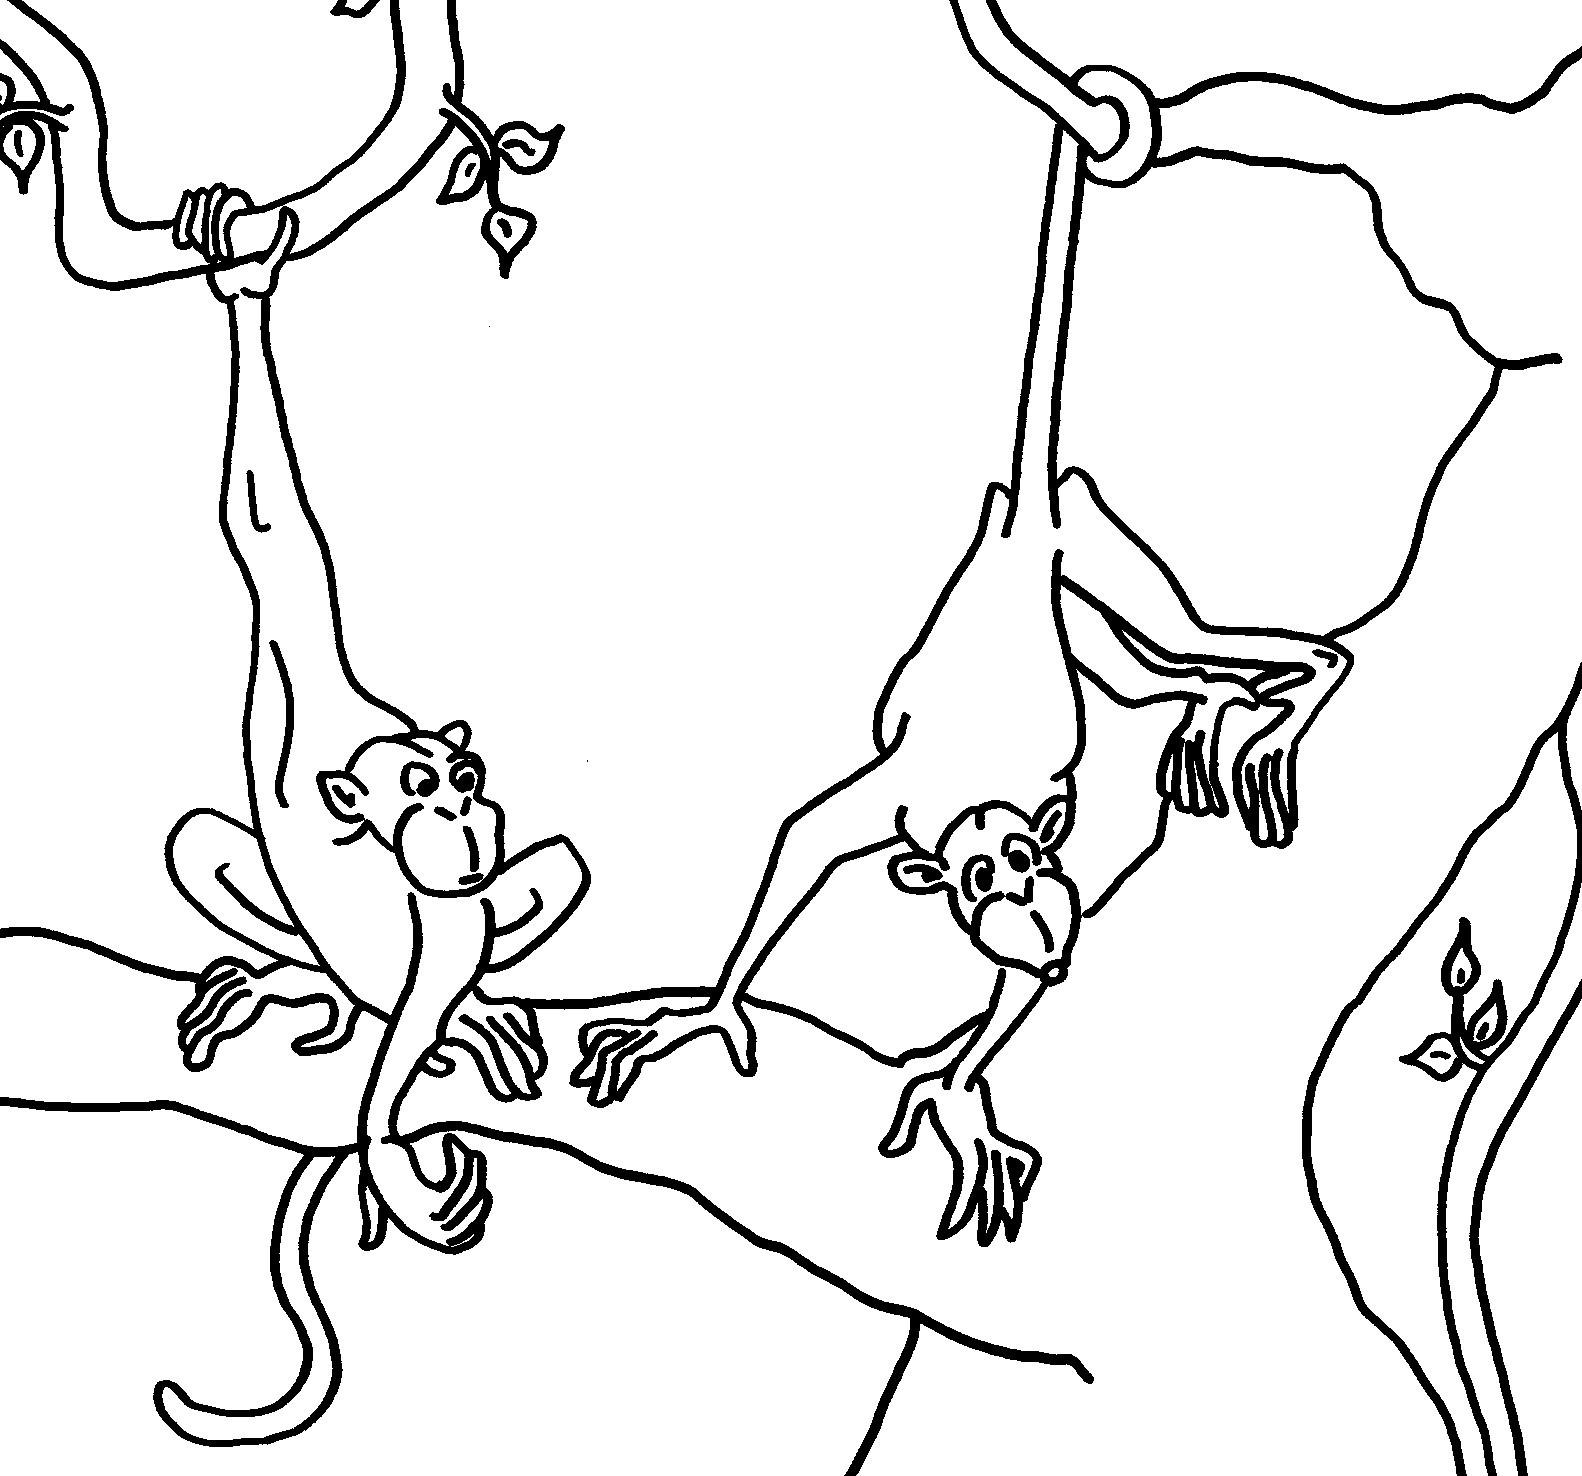 Tier Malvorlagen  Ausmalbilder tier kostenlos Malvorlagen zum ausdrucken